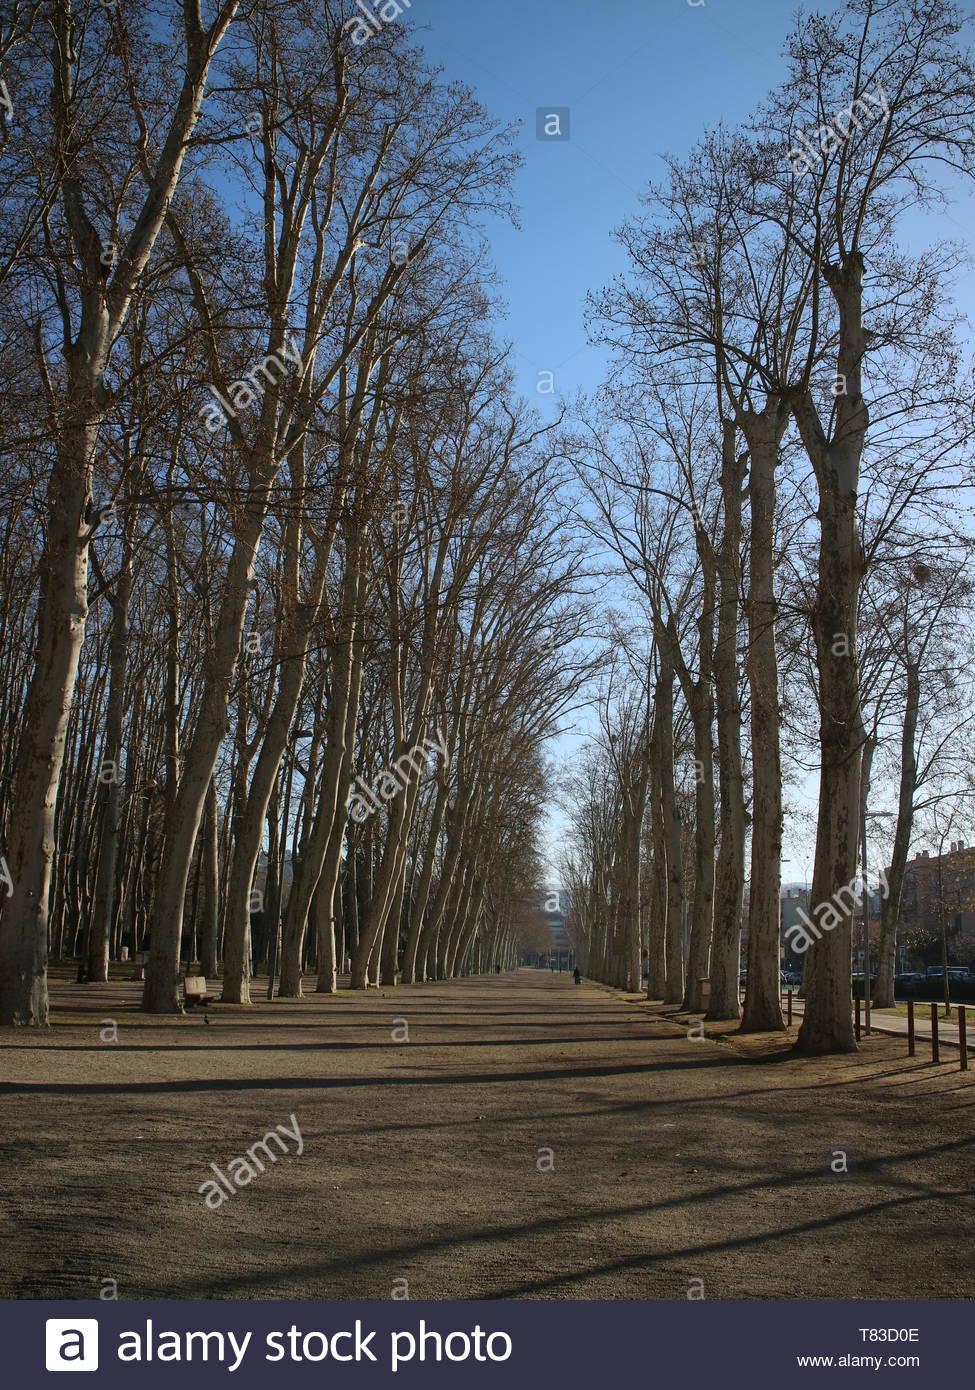 Parc de la Devesa Girona Spanien Frühjahr morgen mit einer Person zu Fuß nach Klasse Stockfoto